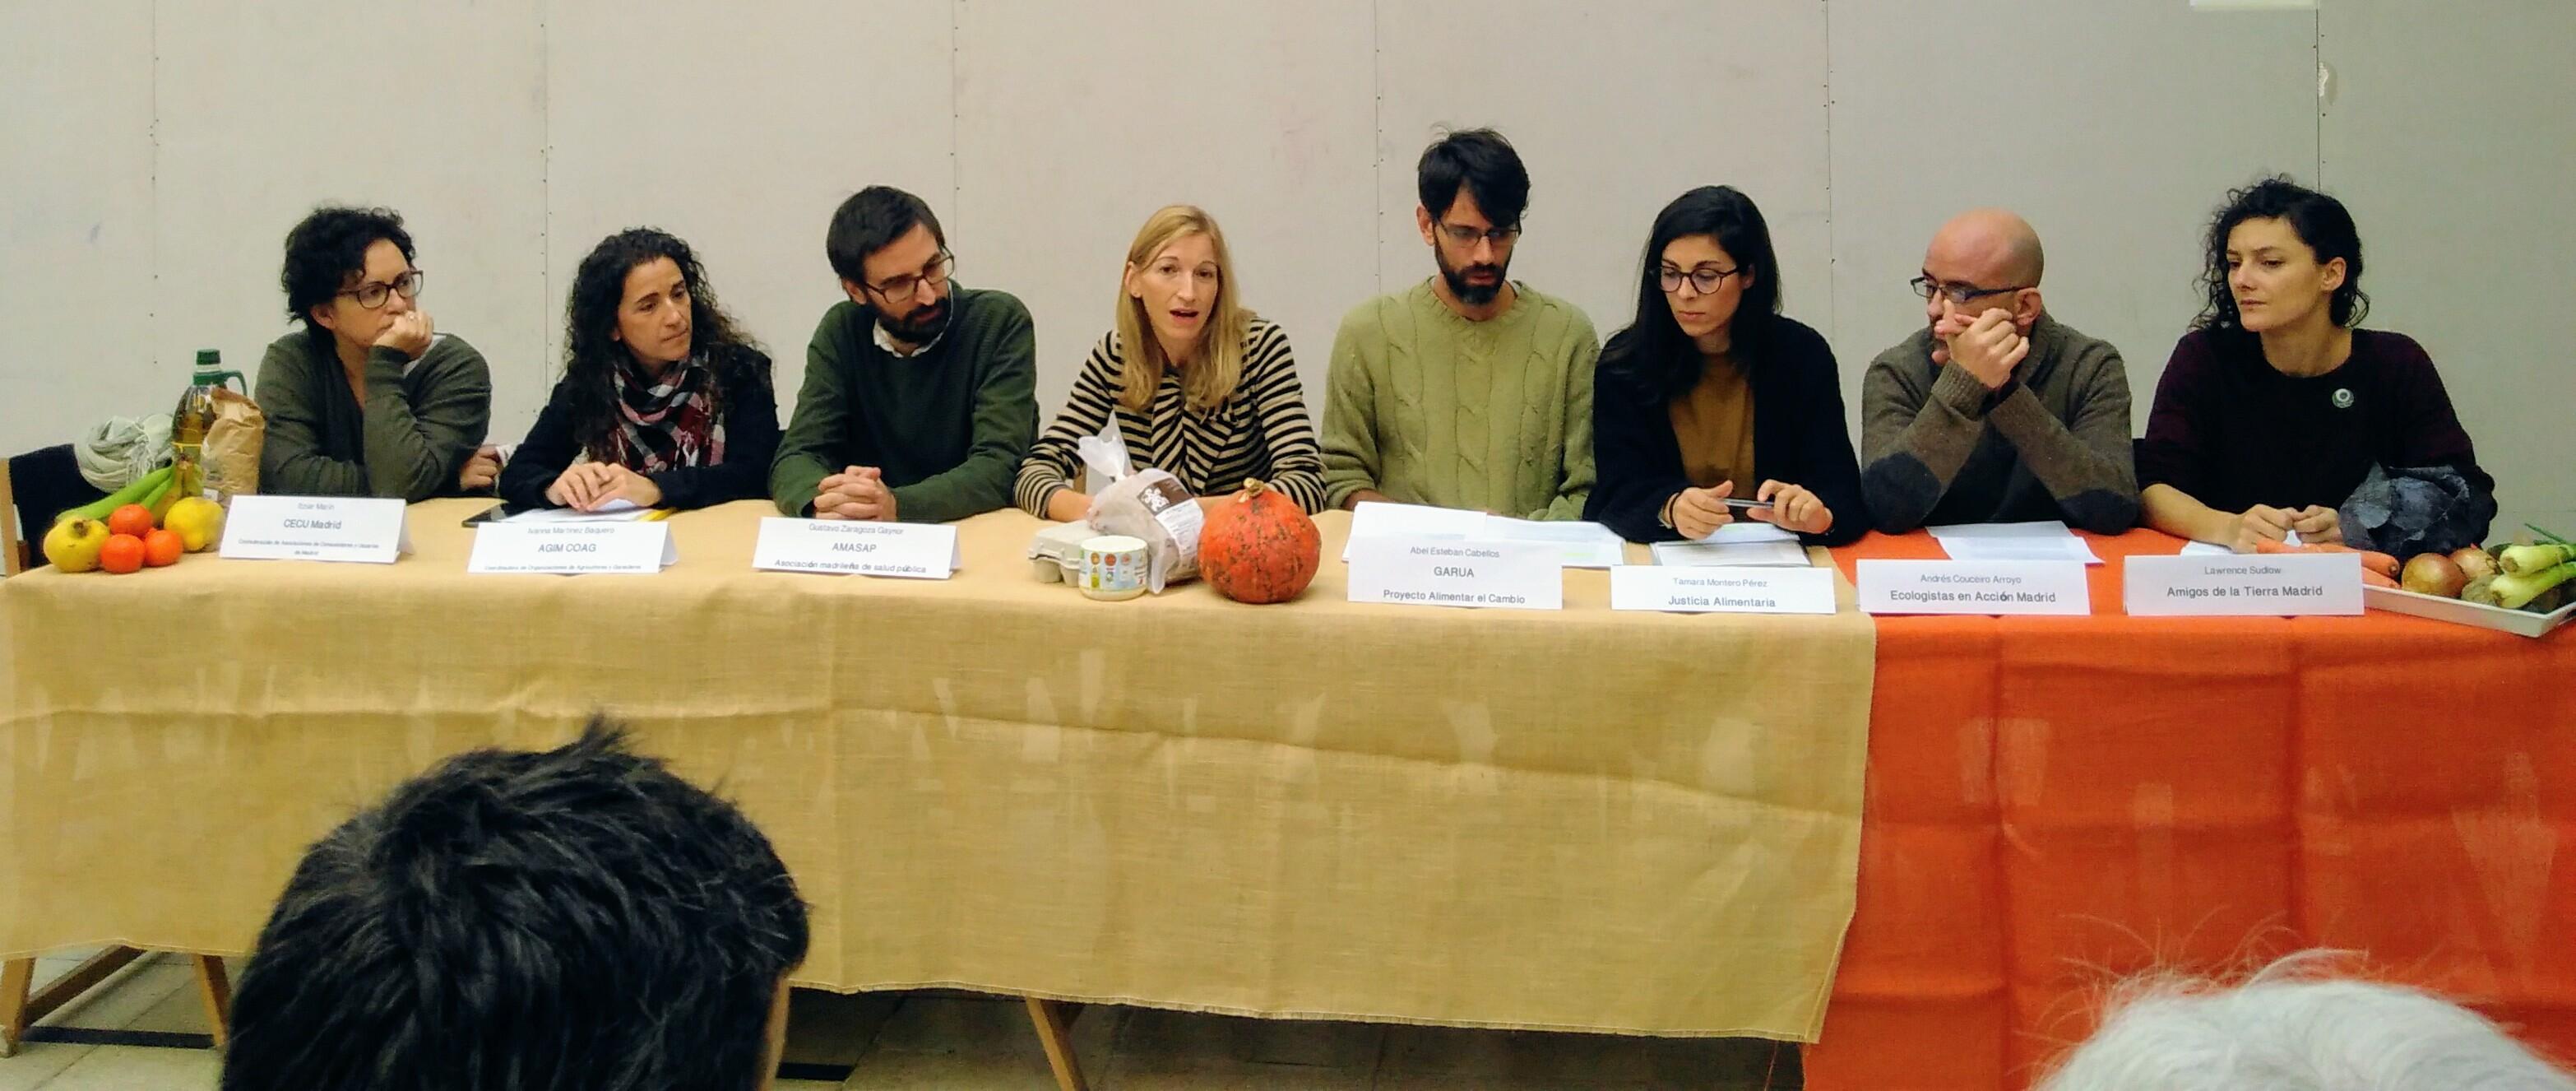 NECESITAMOS TU FIRMA por una Compra Pública Alimentaria Saludable y Sostenible en la Comunidad de Madrid